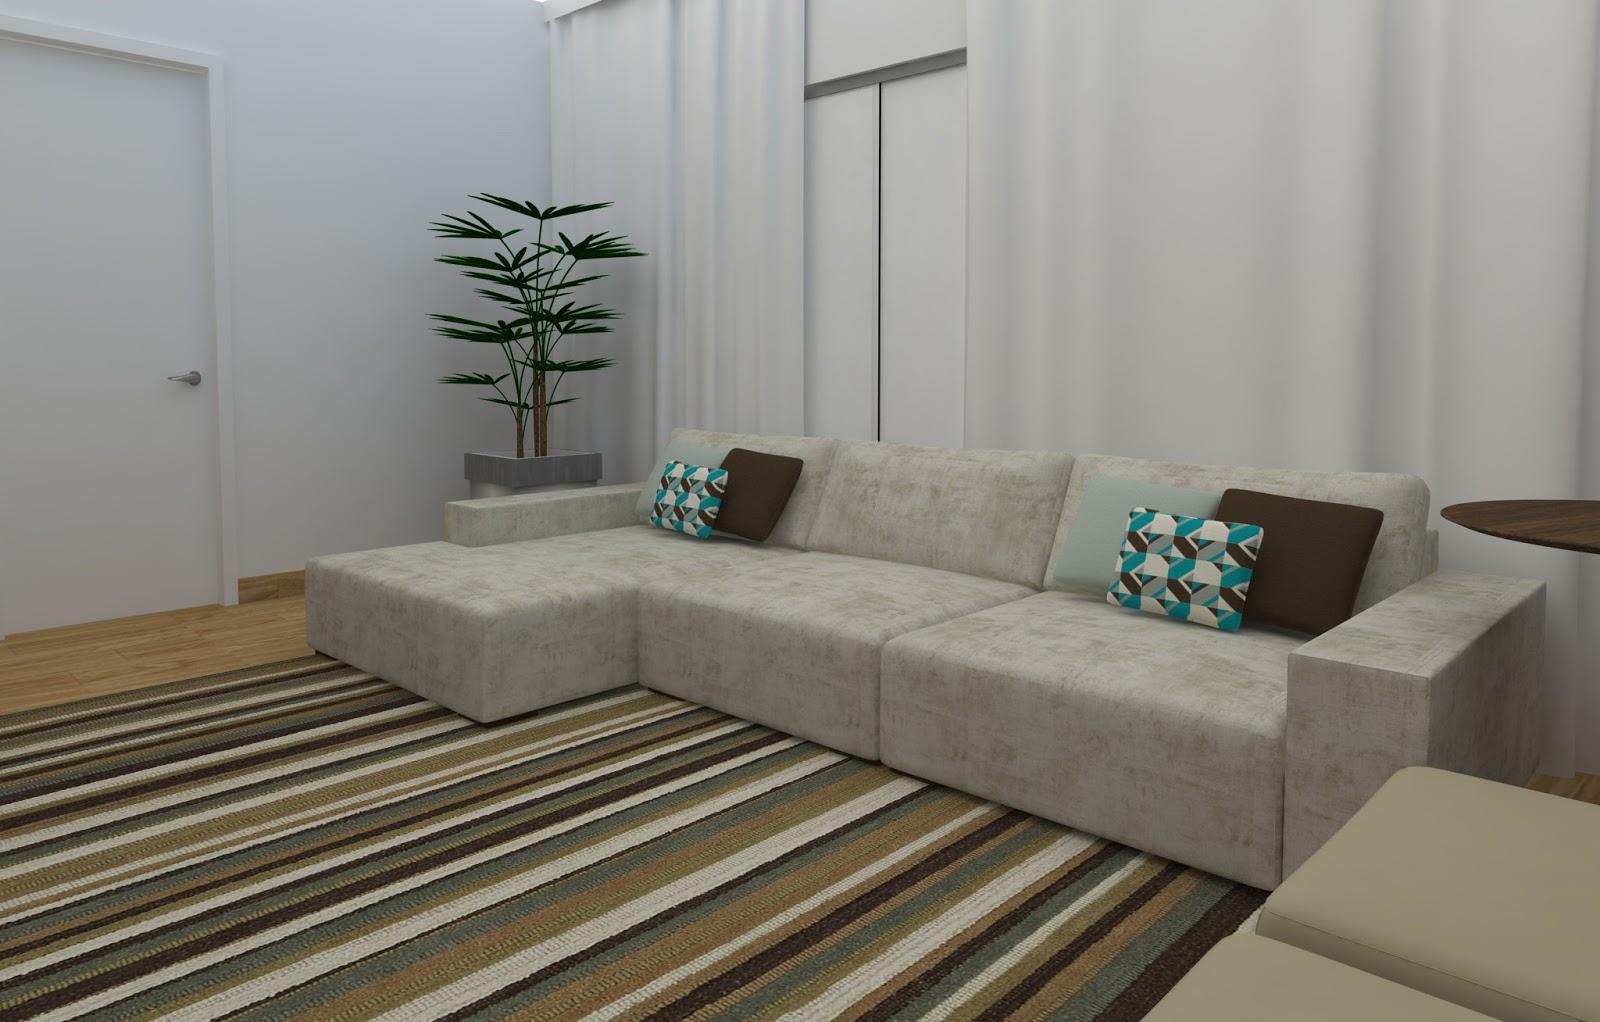 projeto arquitetonico de interior refoma cozinha lavanderia sala de  #2B6E6C 1600 1022